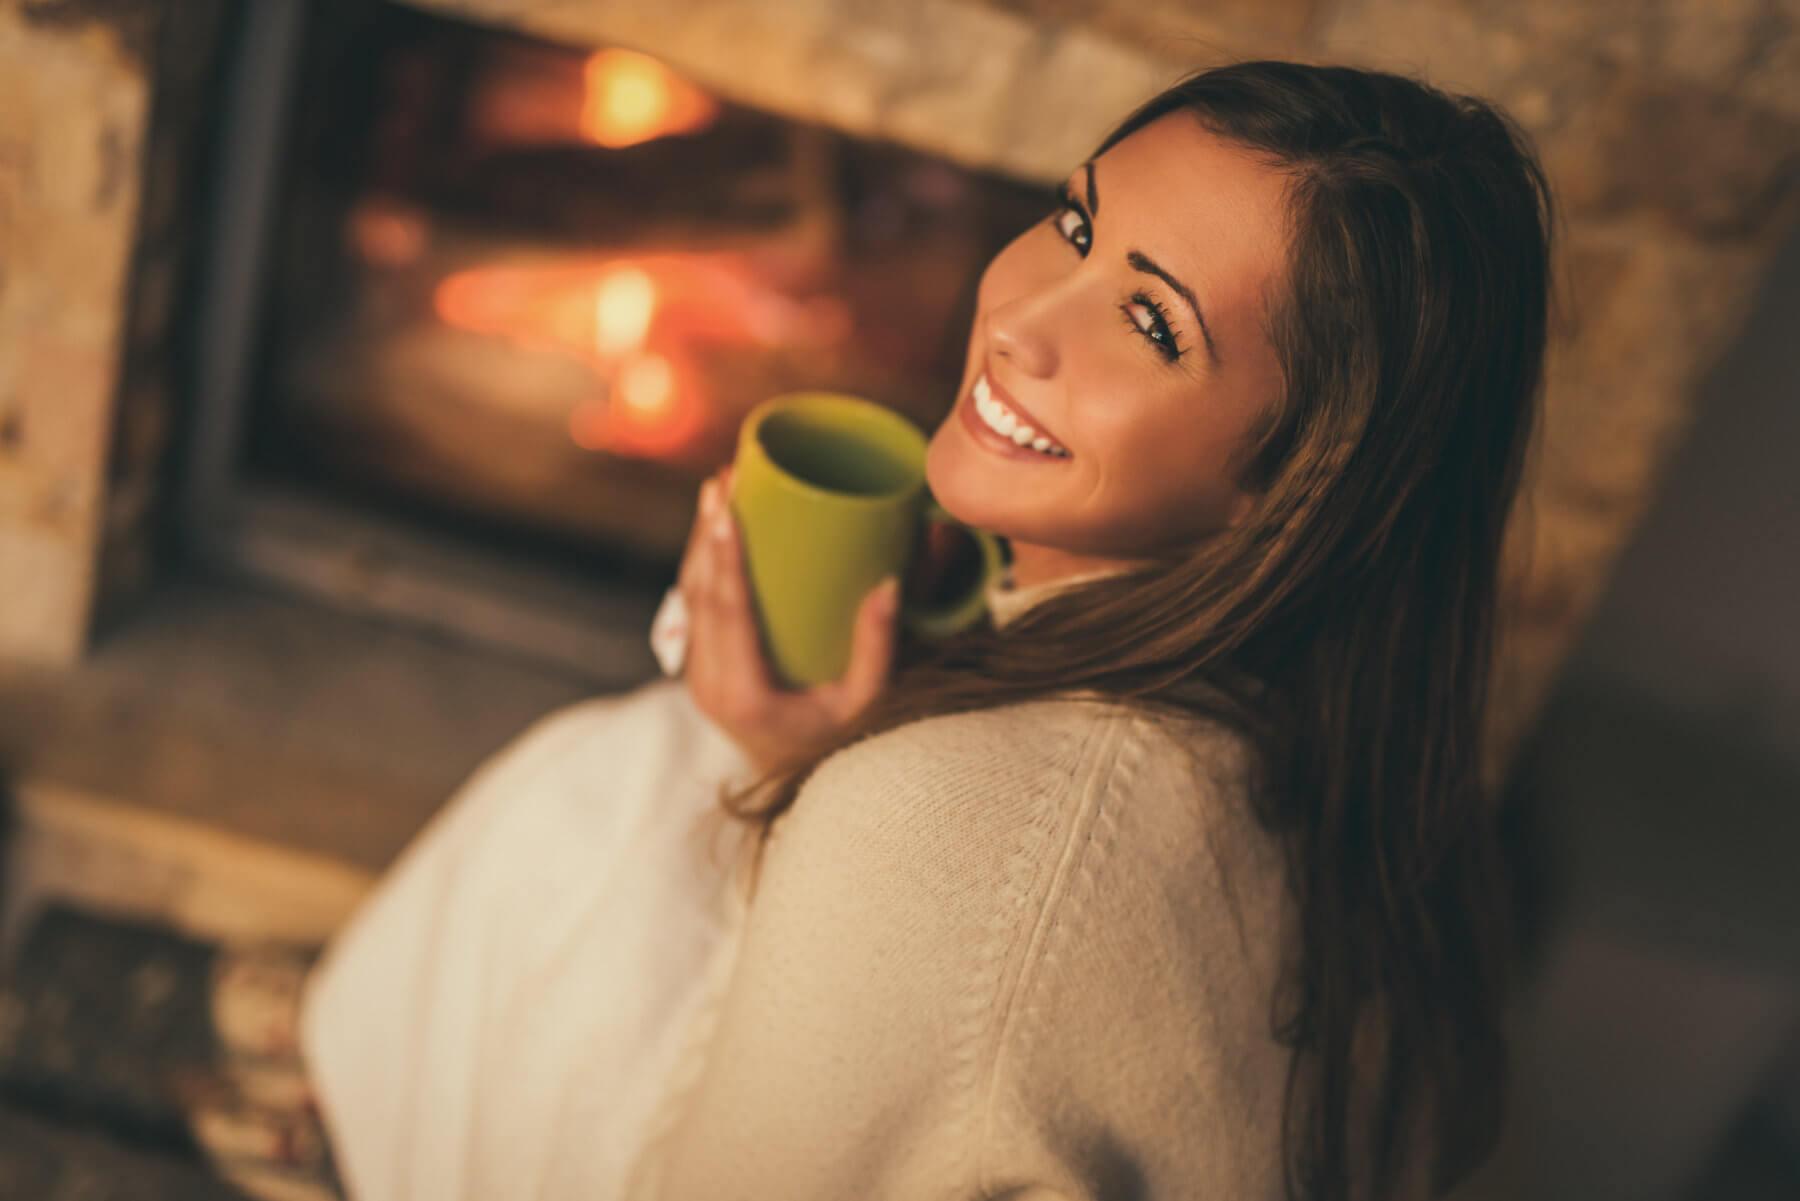 Happy woman near fireplace - jacksonville